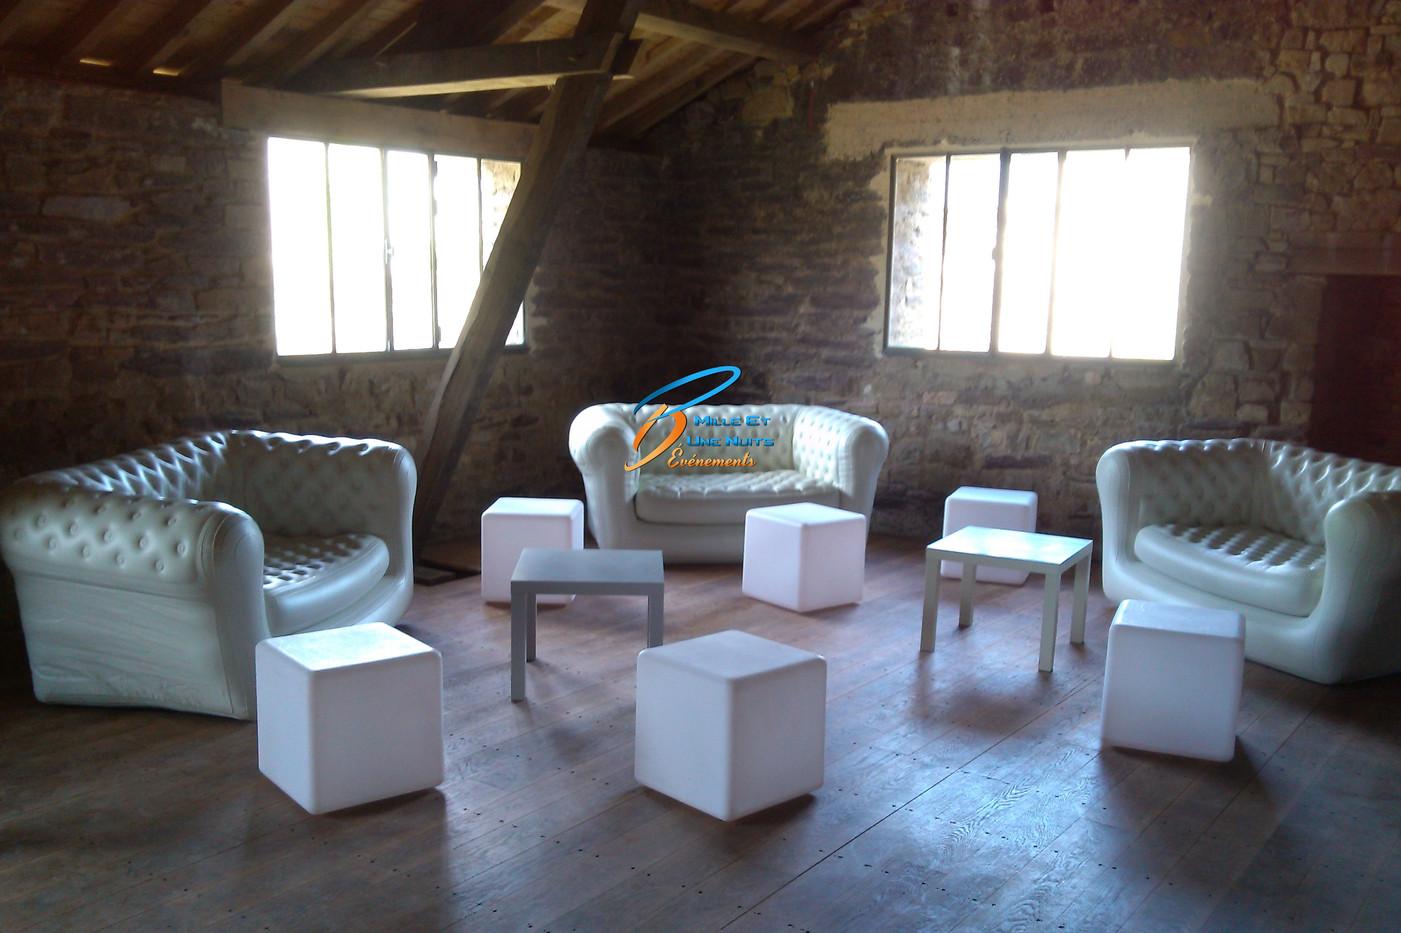 Canapé Chesterfield blanc: coin lounge mariage, Fougères, Vitré, Rennes, Ille et vilaine, Bretagne, Normandie, Mayenne, Pays de la Loire.